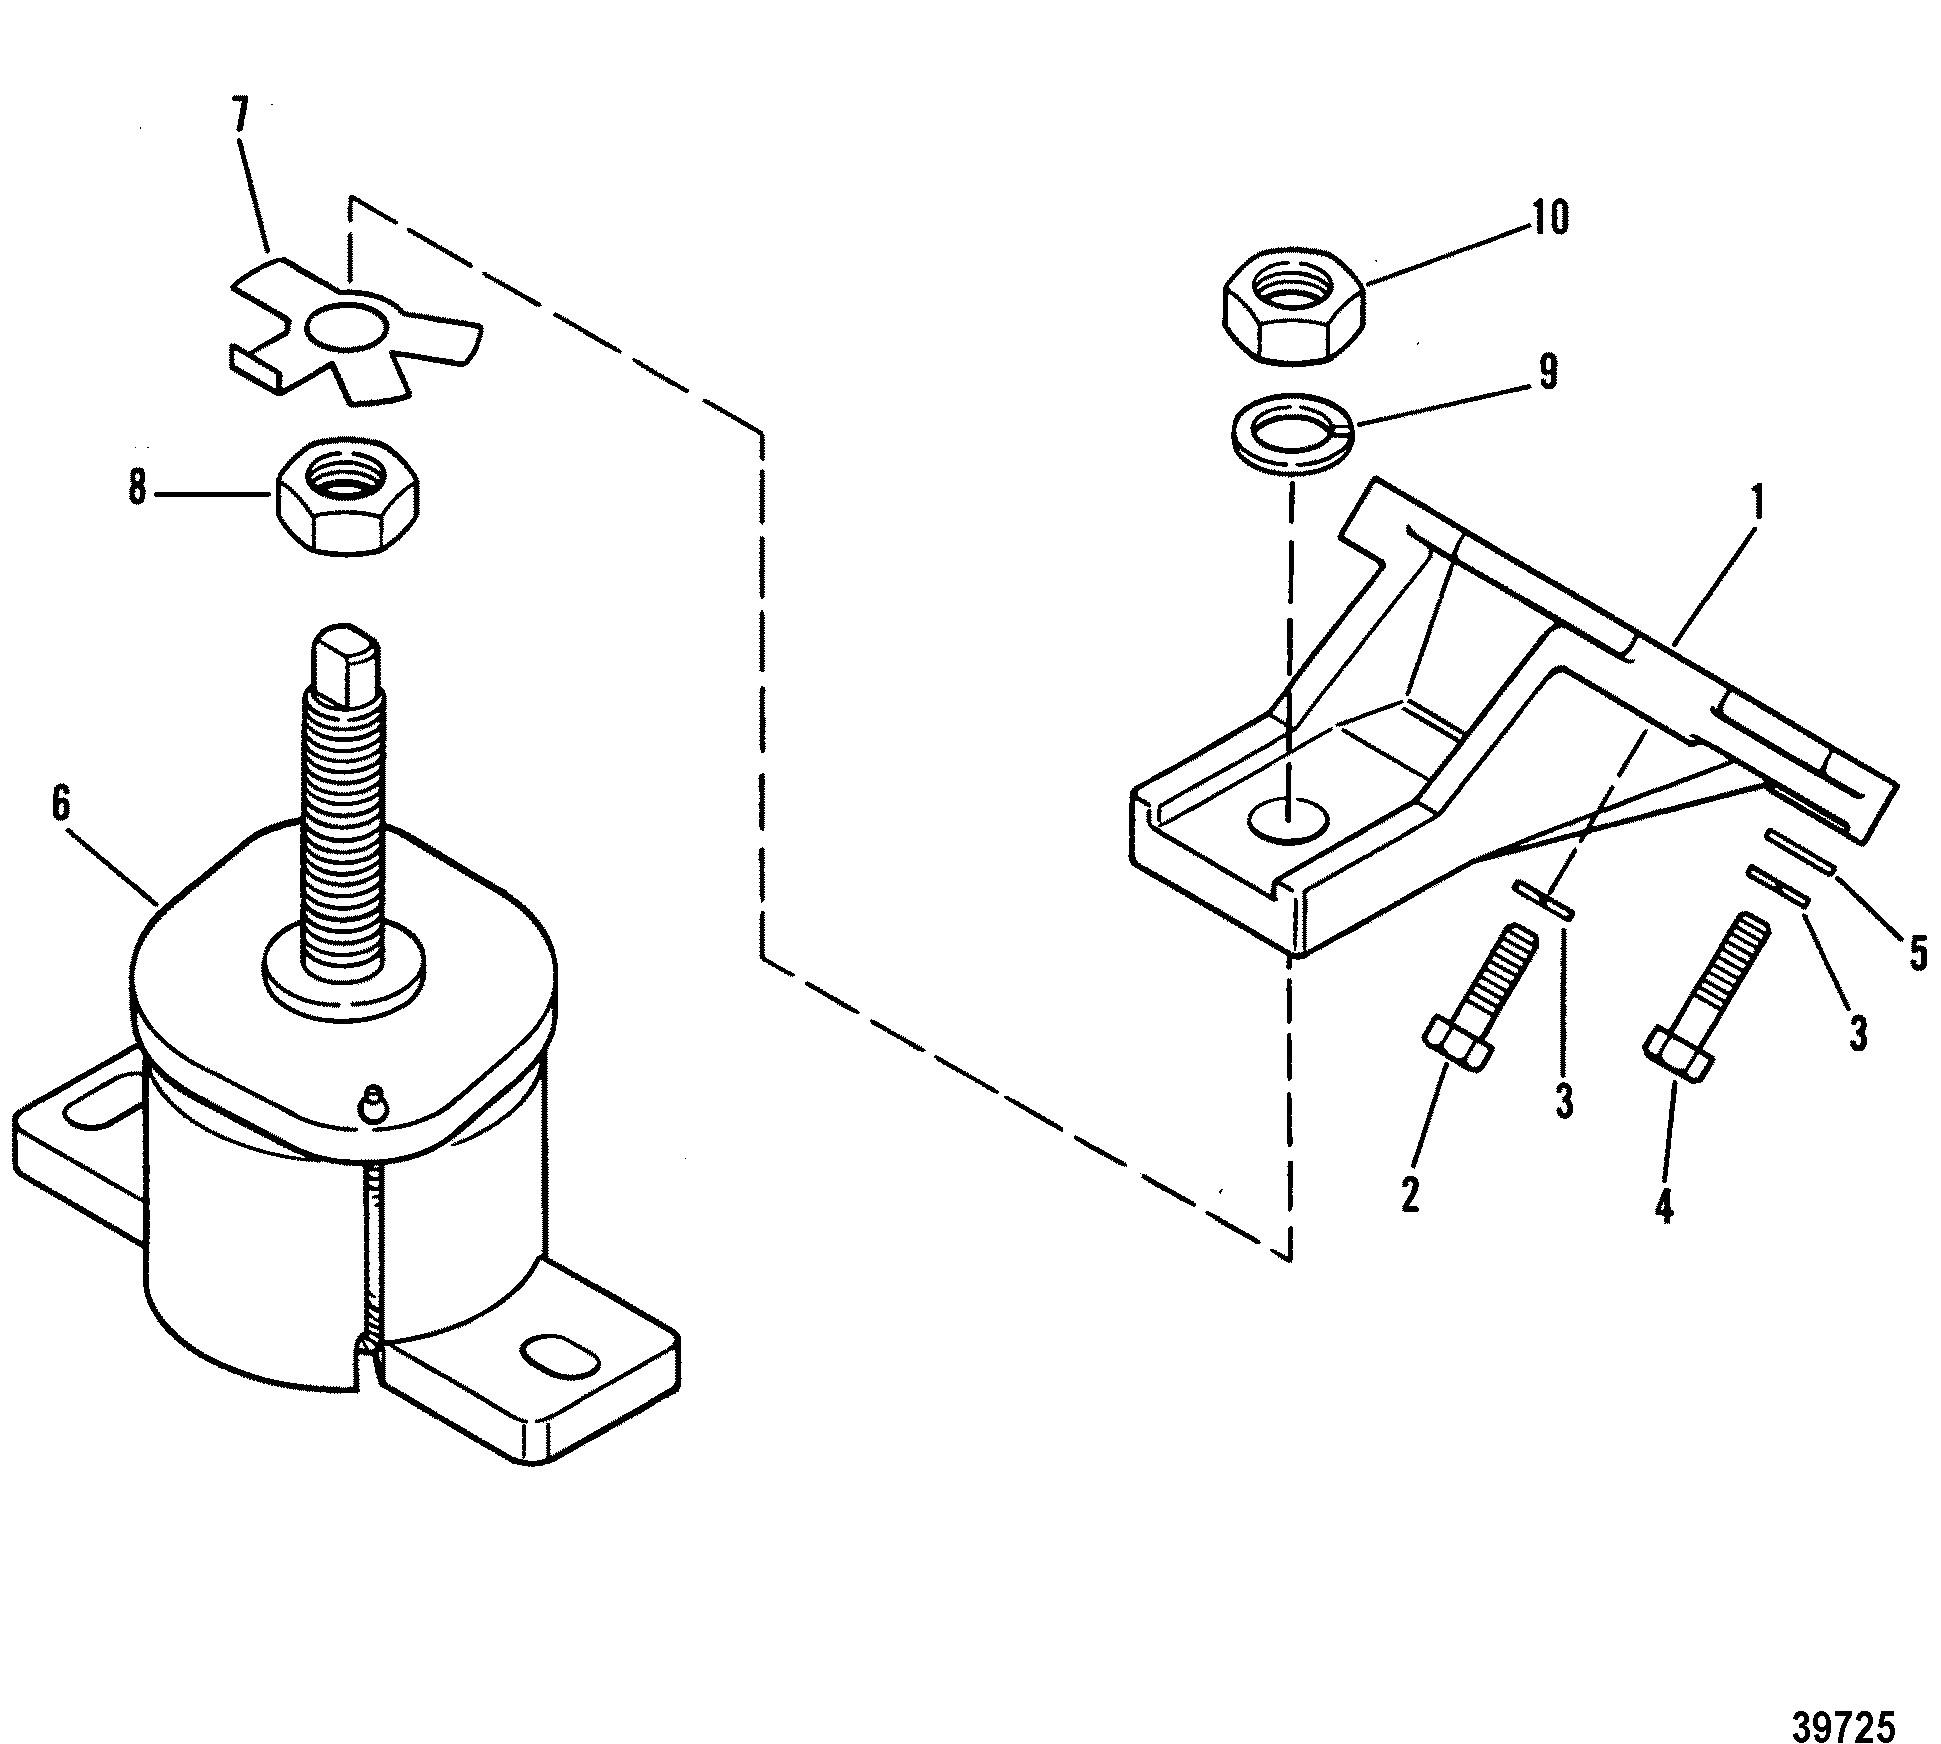 4 3 mercruiser engine diagram engine mounting for mercruiser 4 3l 4 rh detoxicrecenze com Chevy 4.3 Vortec Engine Diagram 97 4.3 Vortec Diagram